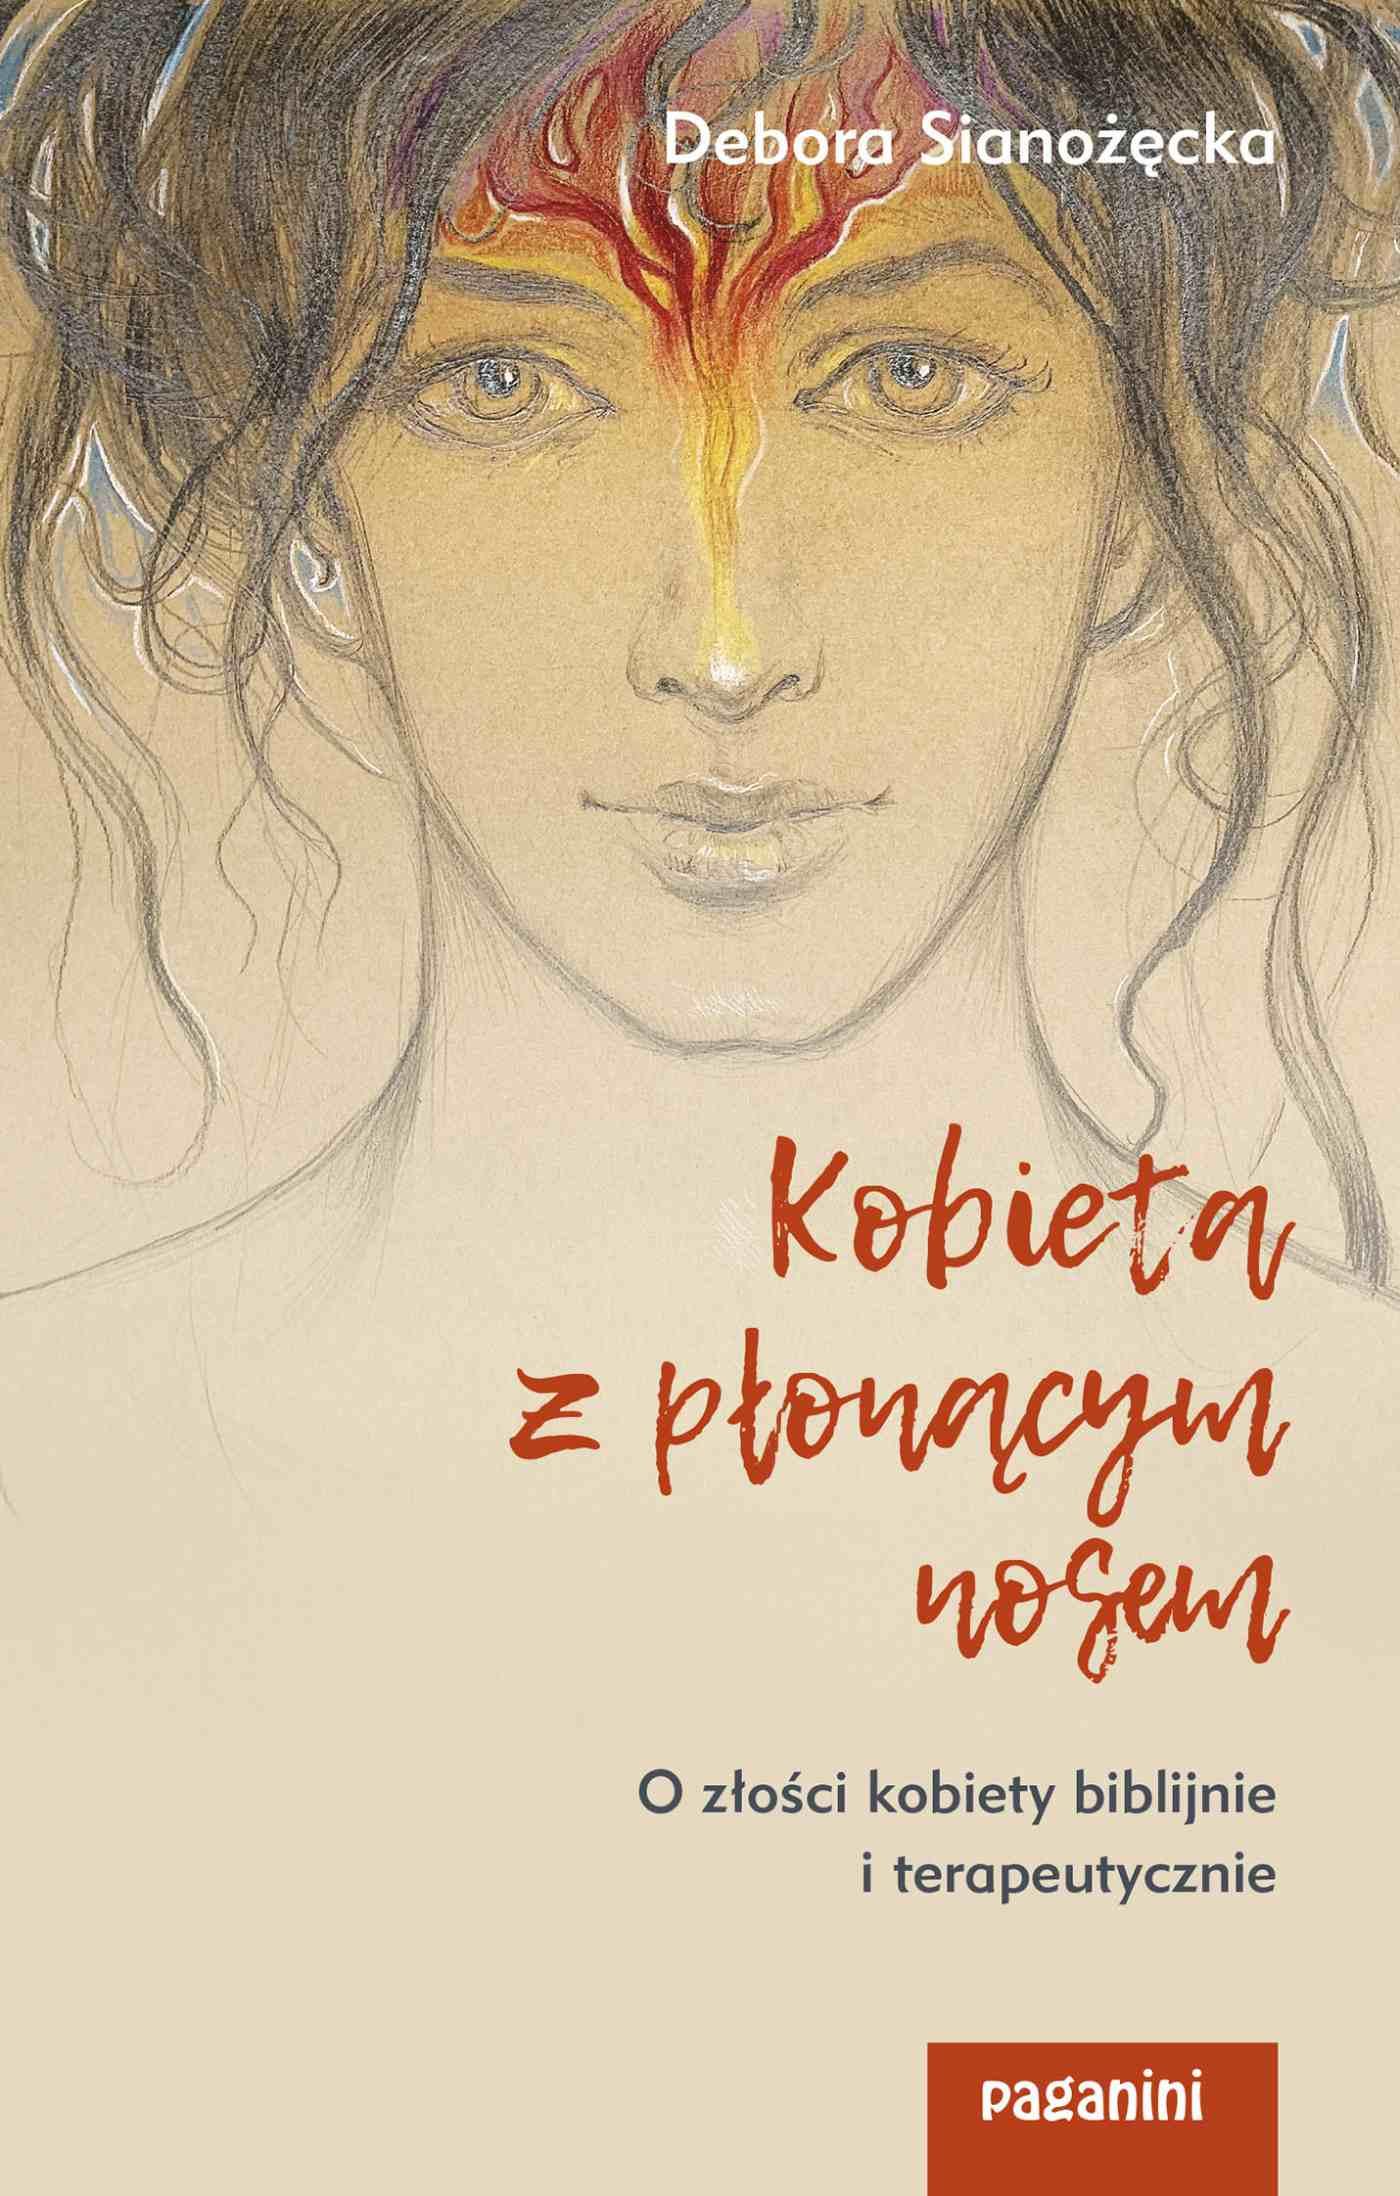 Kobieta z płonącym nosem. O złości kobiety biblijnie i terapeutycznie - Ebook (Książka EPUB) do pobrania w formacie EPUB